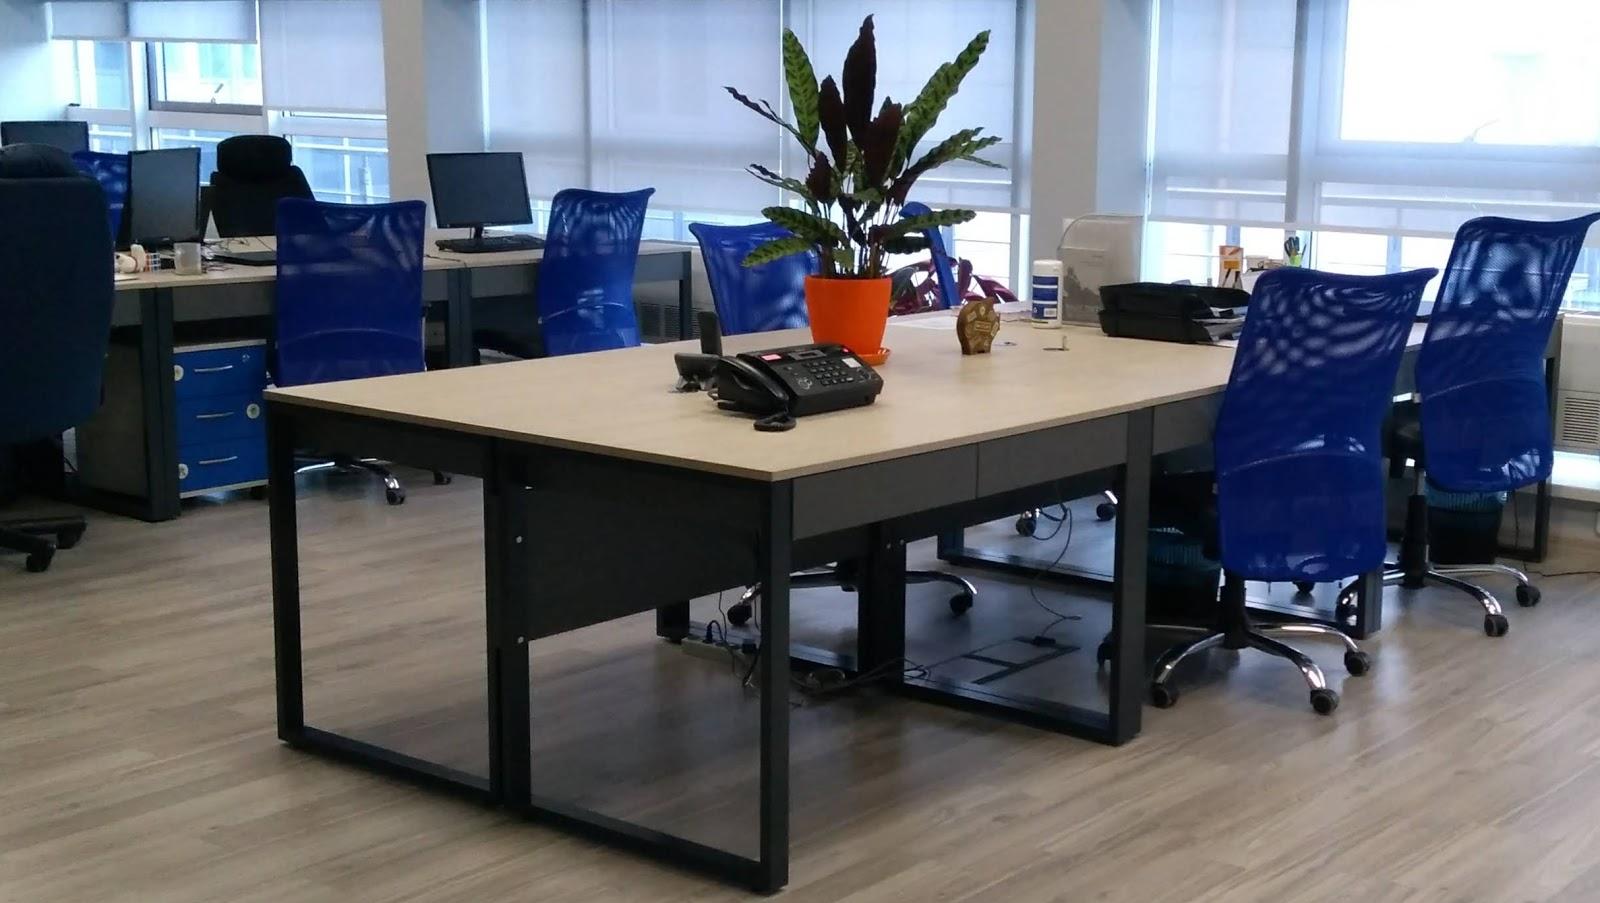 Модульный стол для офиса на 2 человека ✆ 0679245444